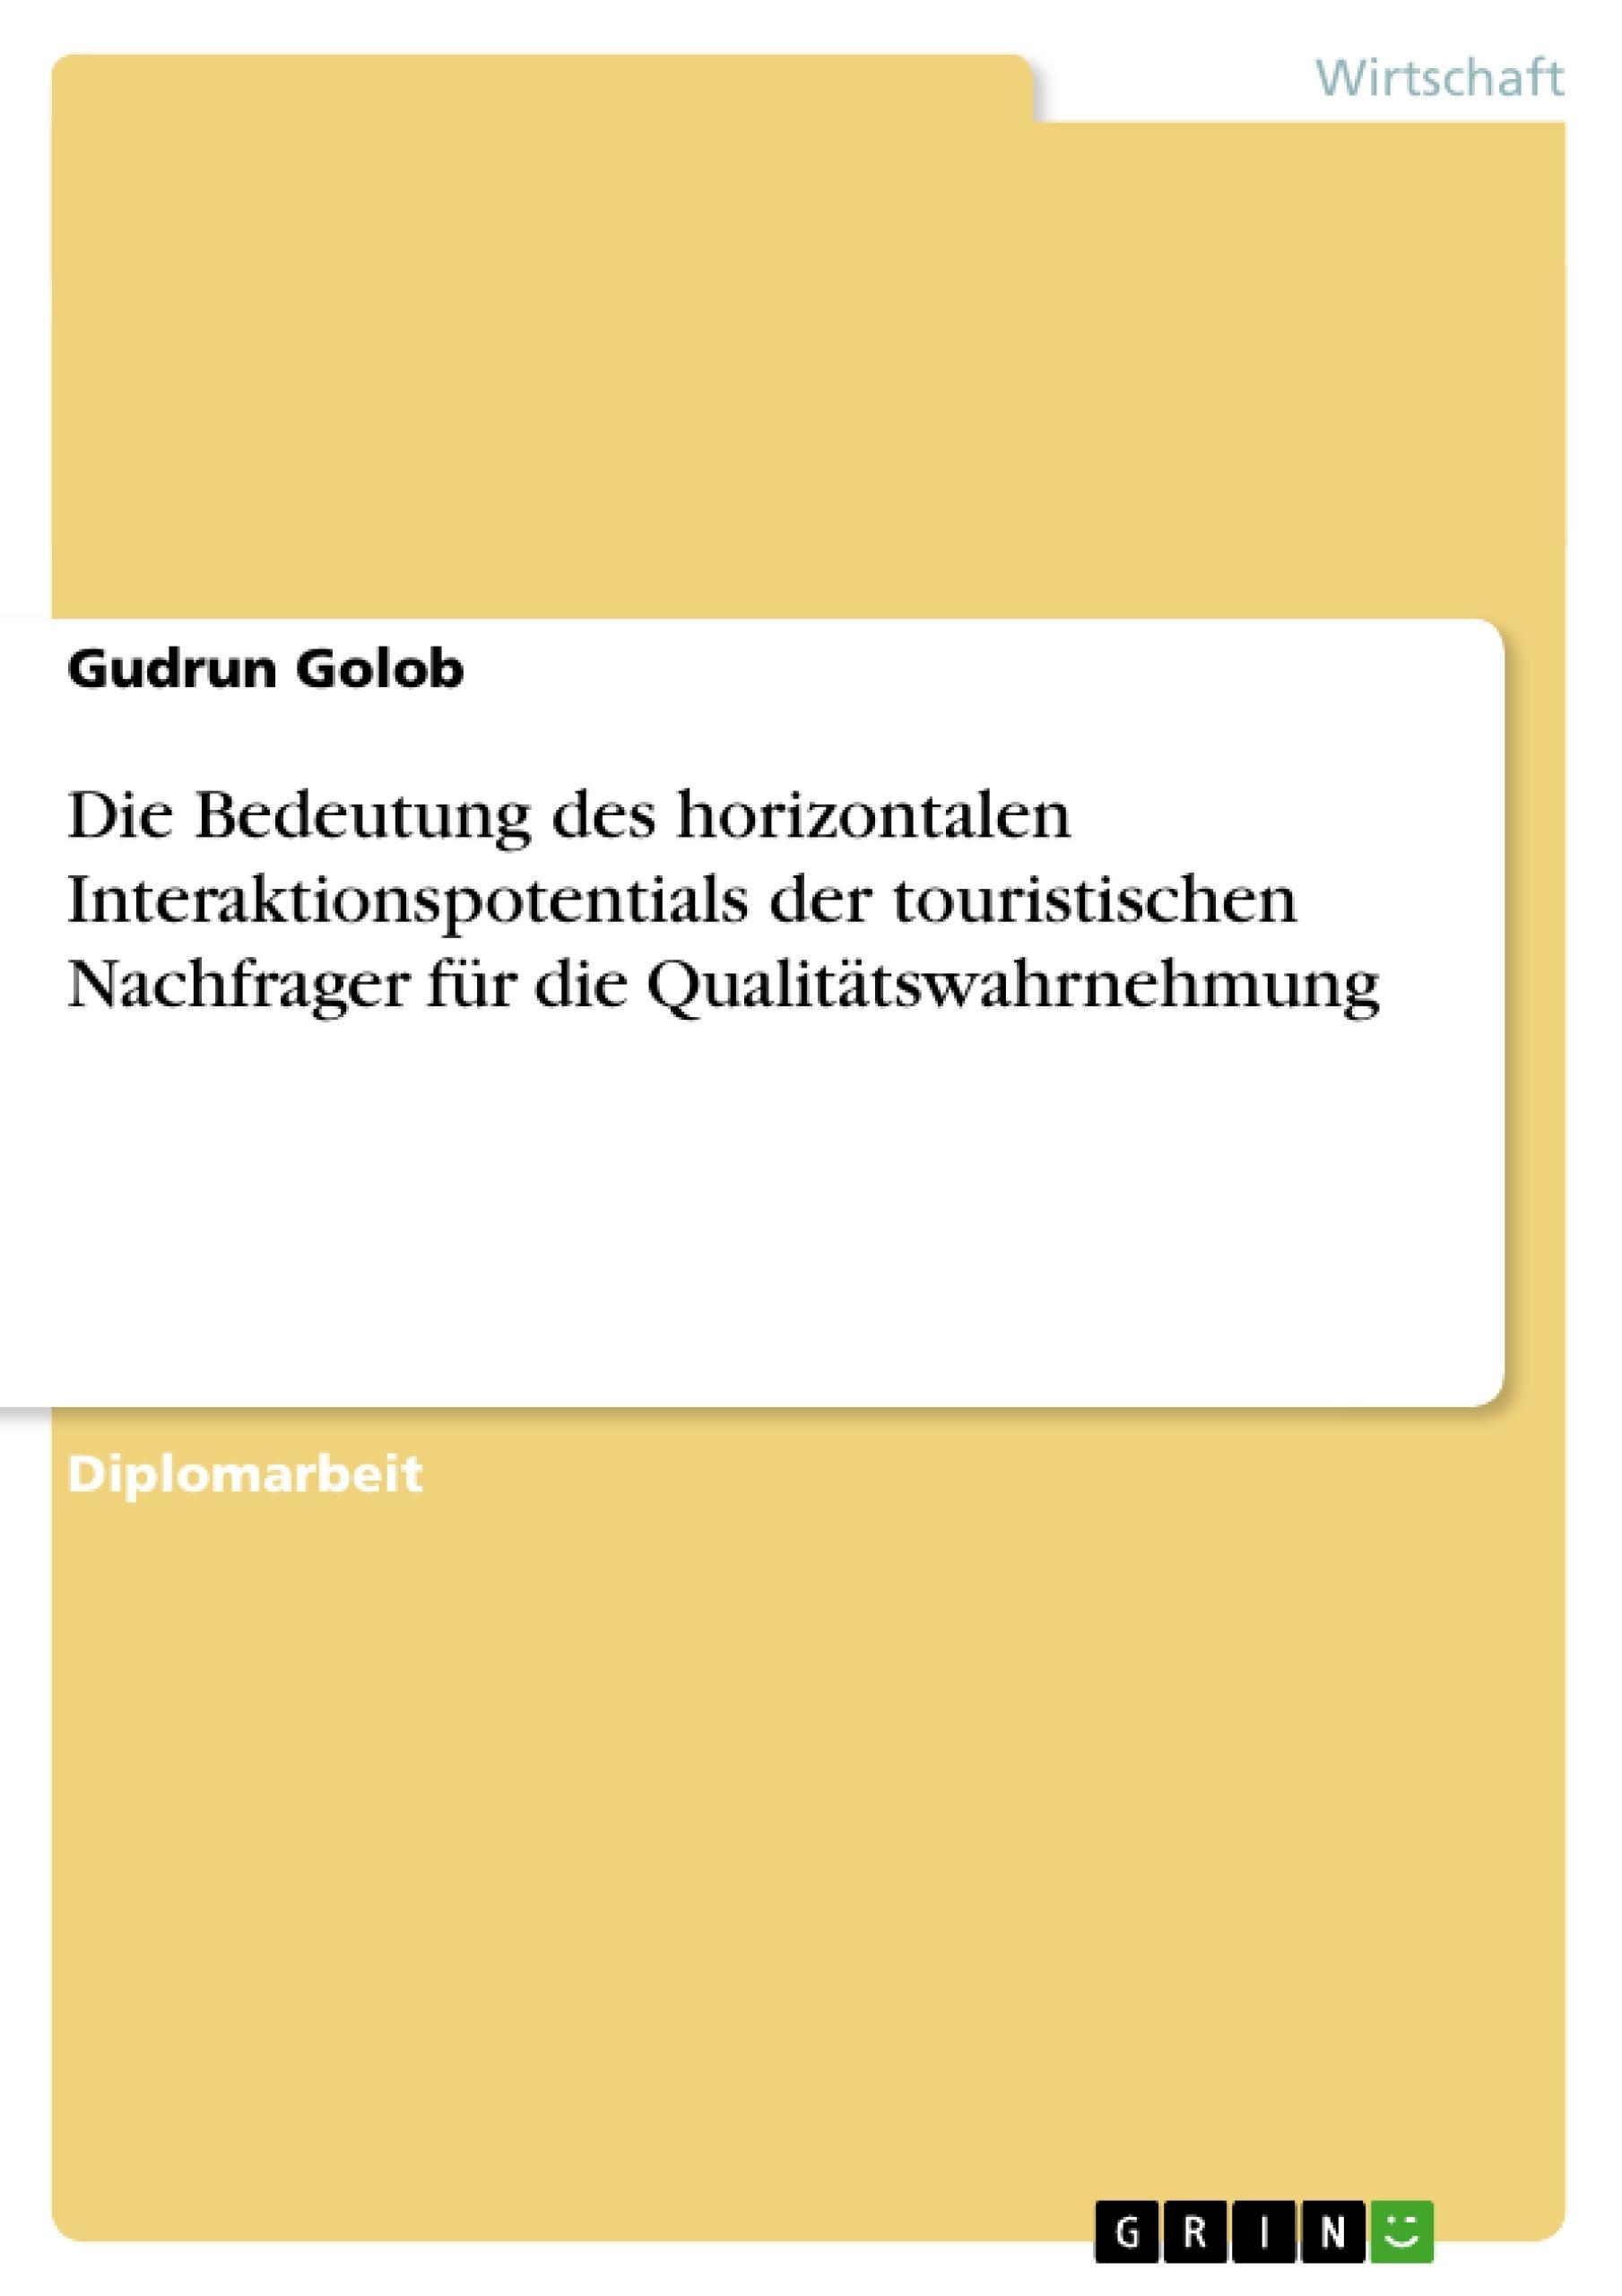 Titel: Die Bedeutung des horizontalen Interaktionspotentials der touristischen Nachfrager für die Qualitätswahrnehmung